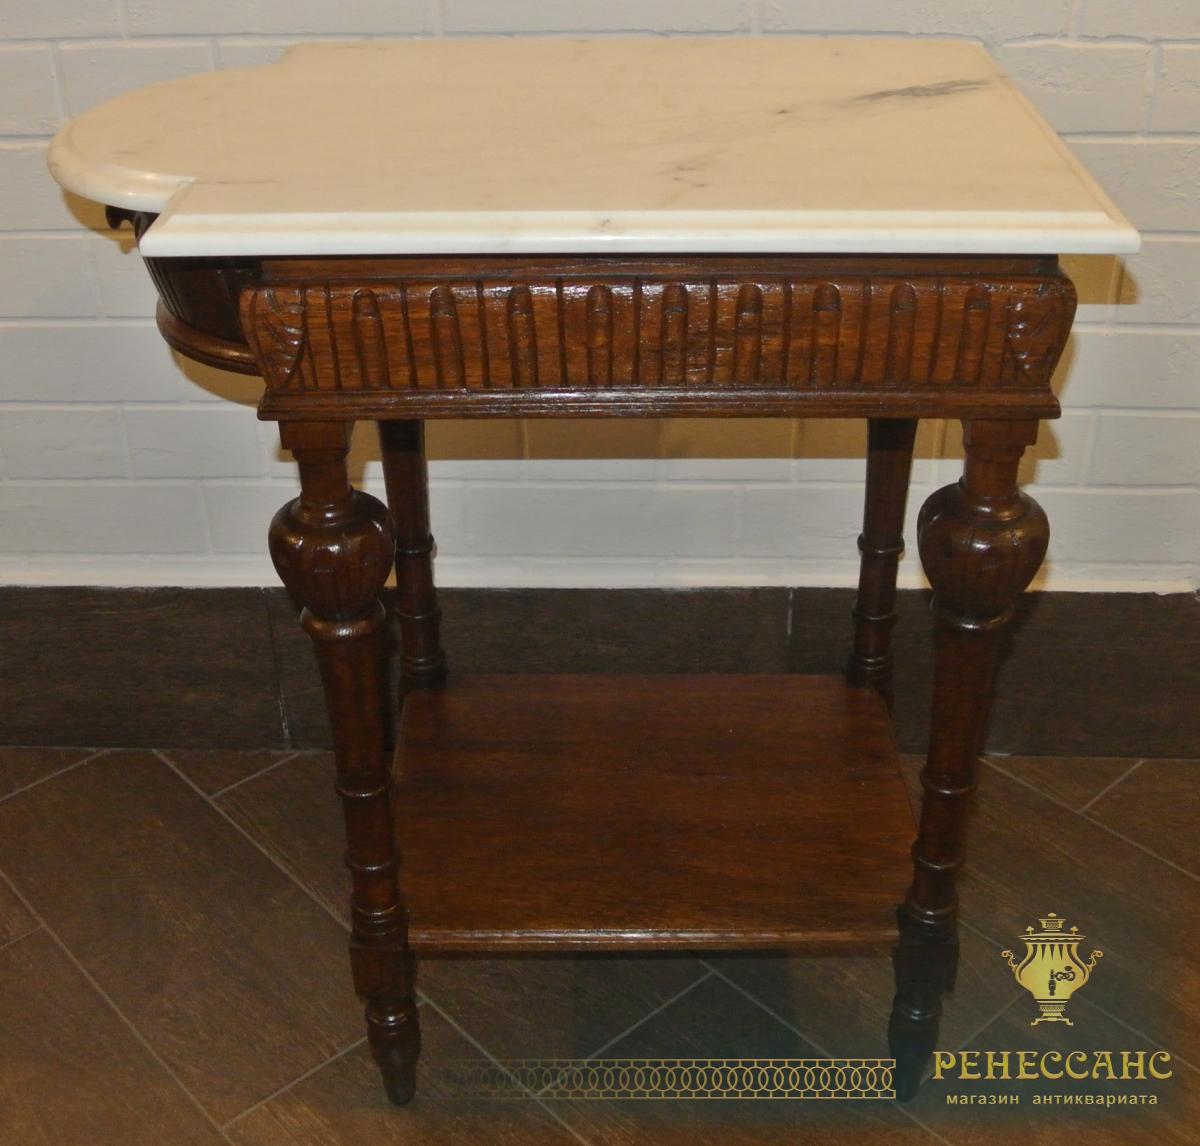 Самоварный столик, стол старинный, дуб, мрамор, Россия 19 век №1990